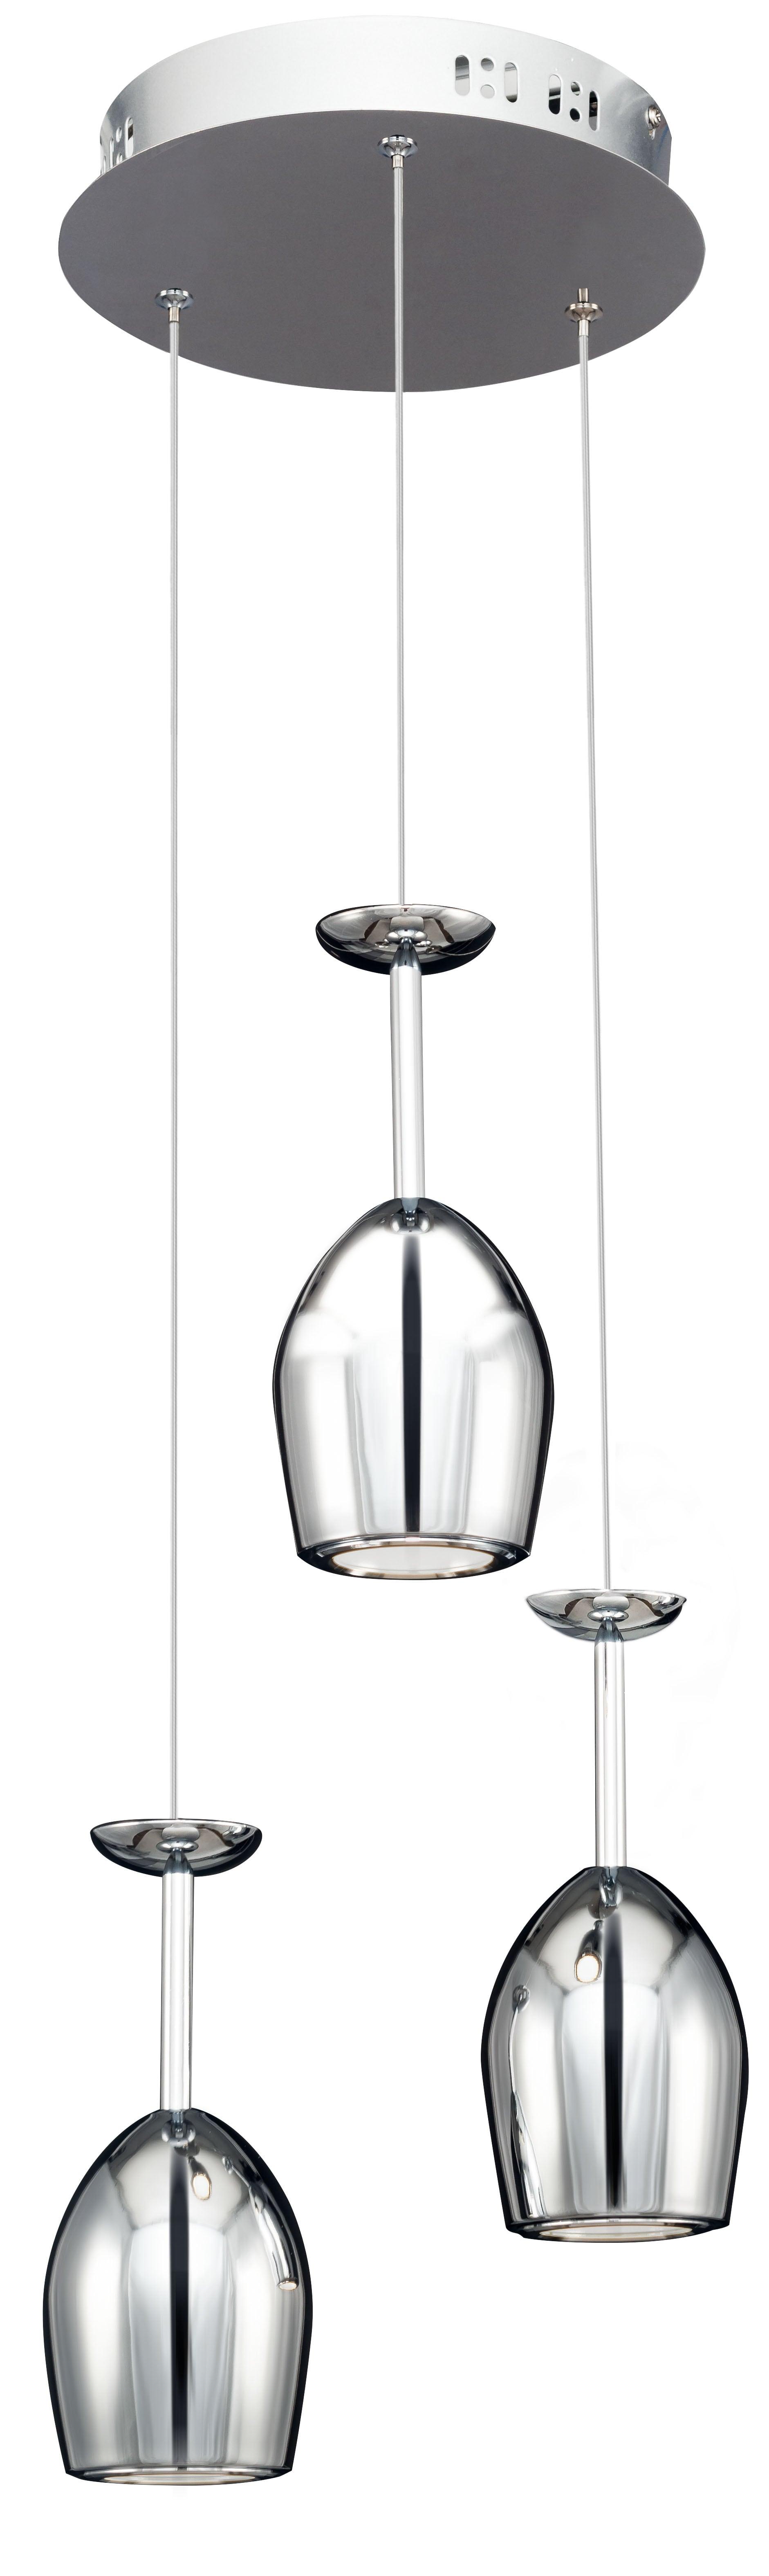 Triple modern hanging lamp Merlot chrome LED 5W